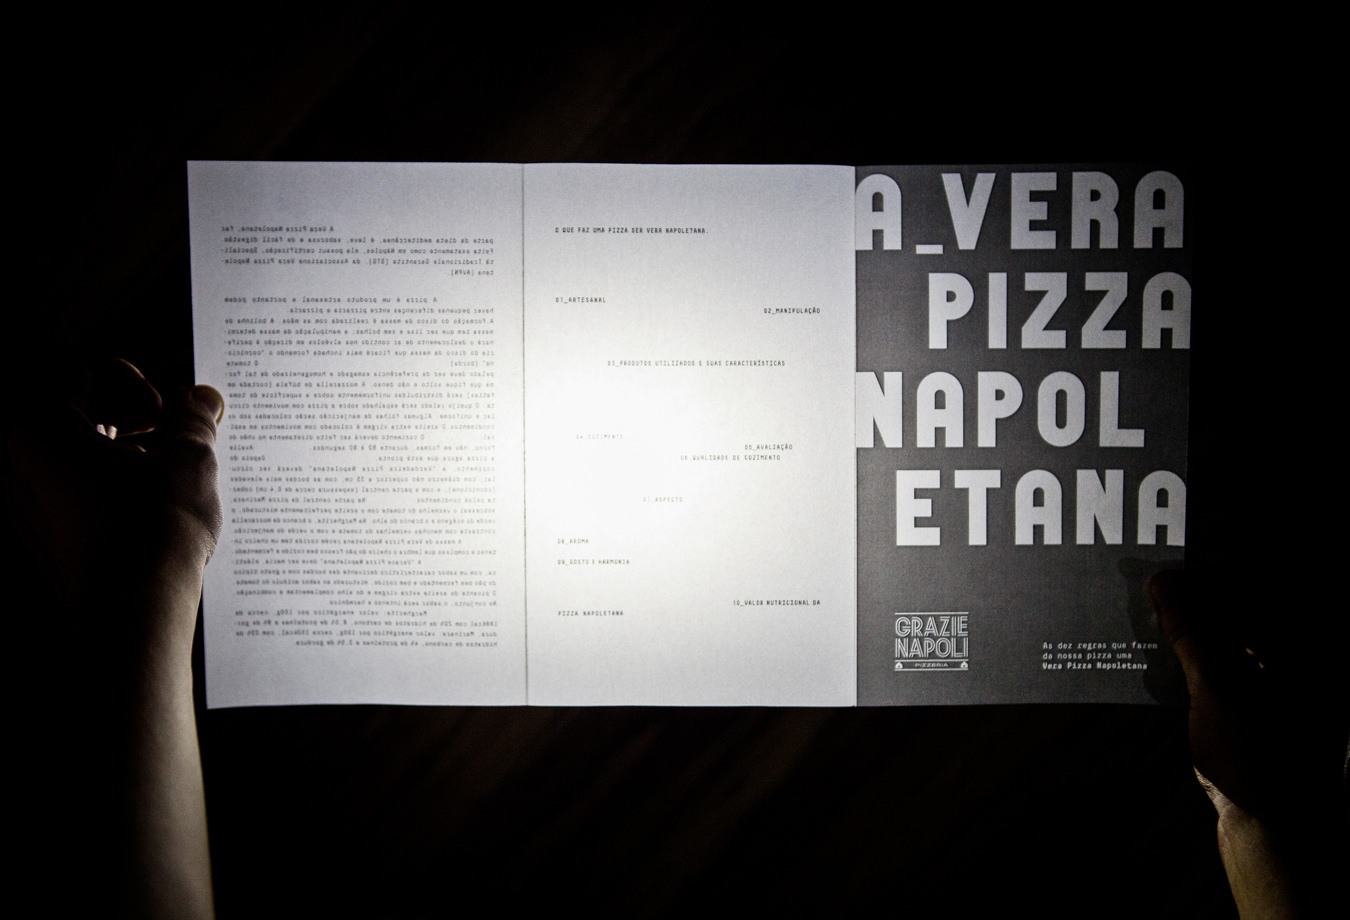 07-grazienapoli-visualidentity